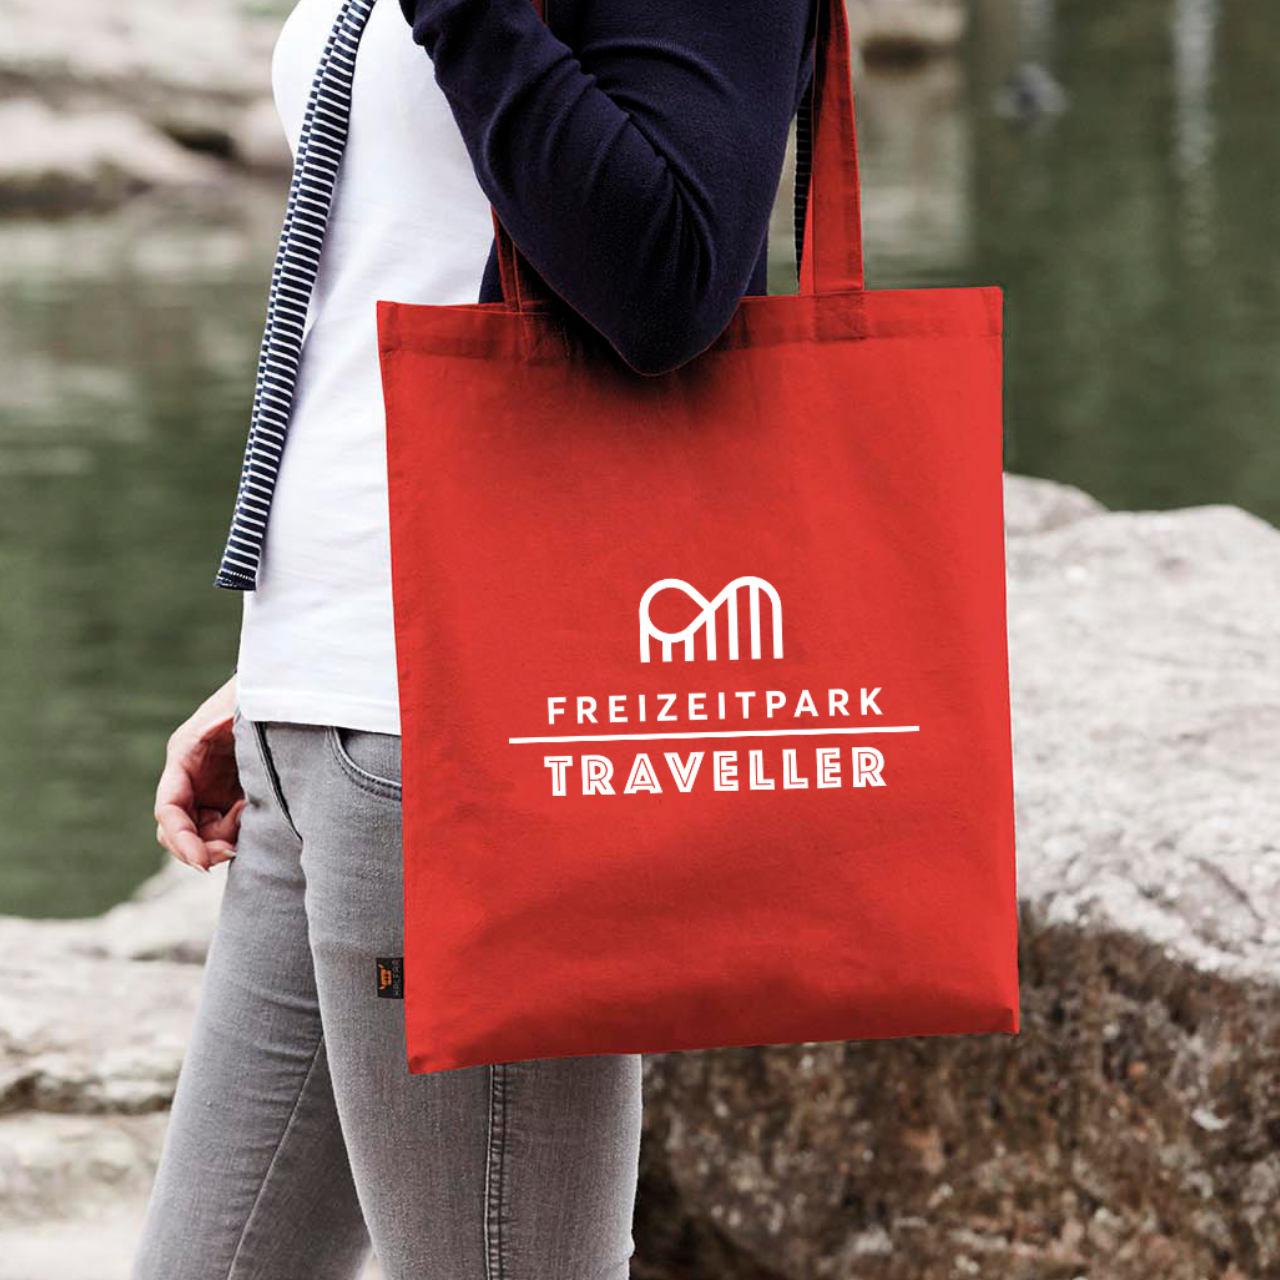 Neues Freizeitpark Traveller Merchandise